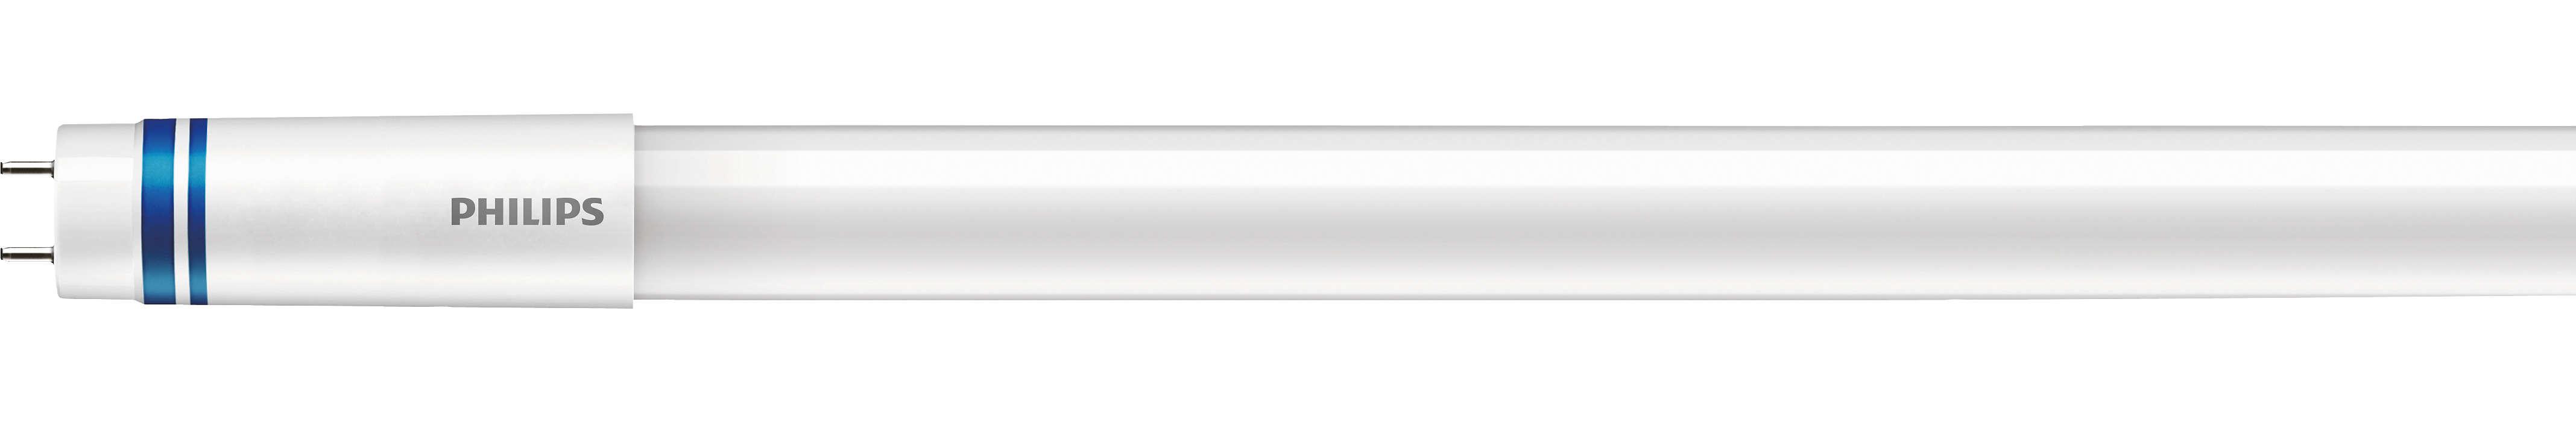 LEDtube InstantFit EVG - in vielzähligen Projekten praxiserprobt